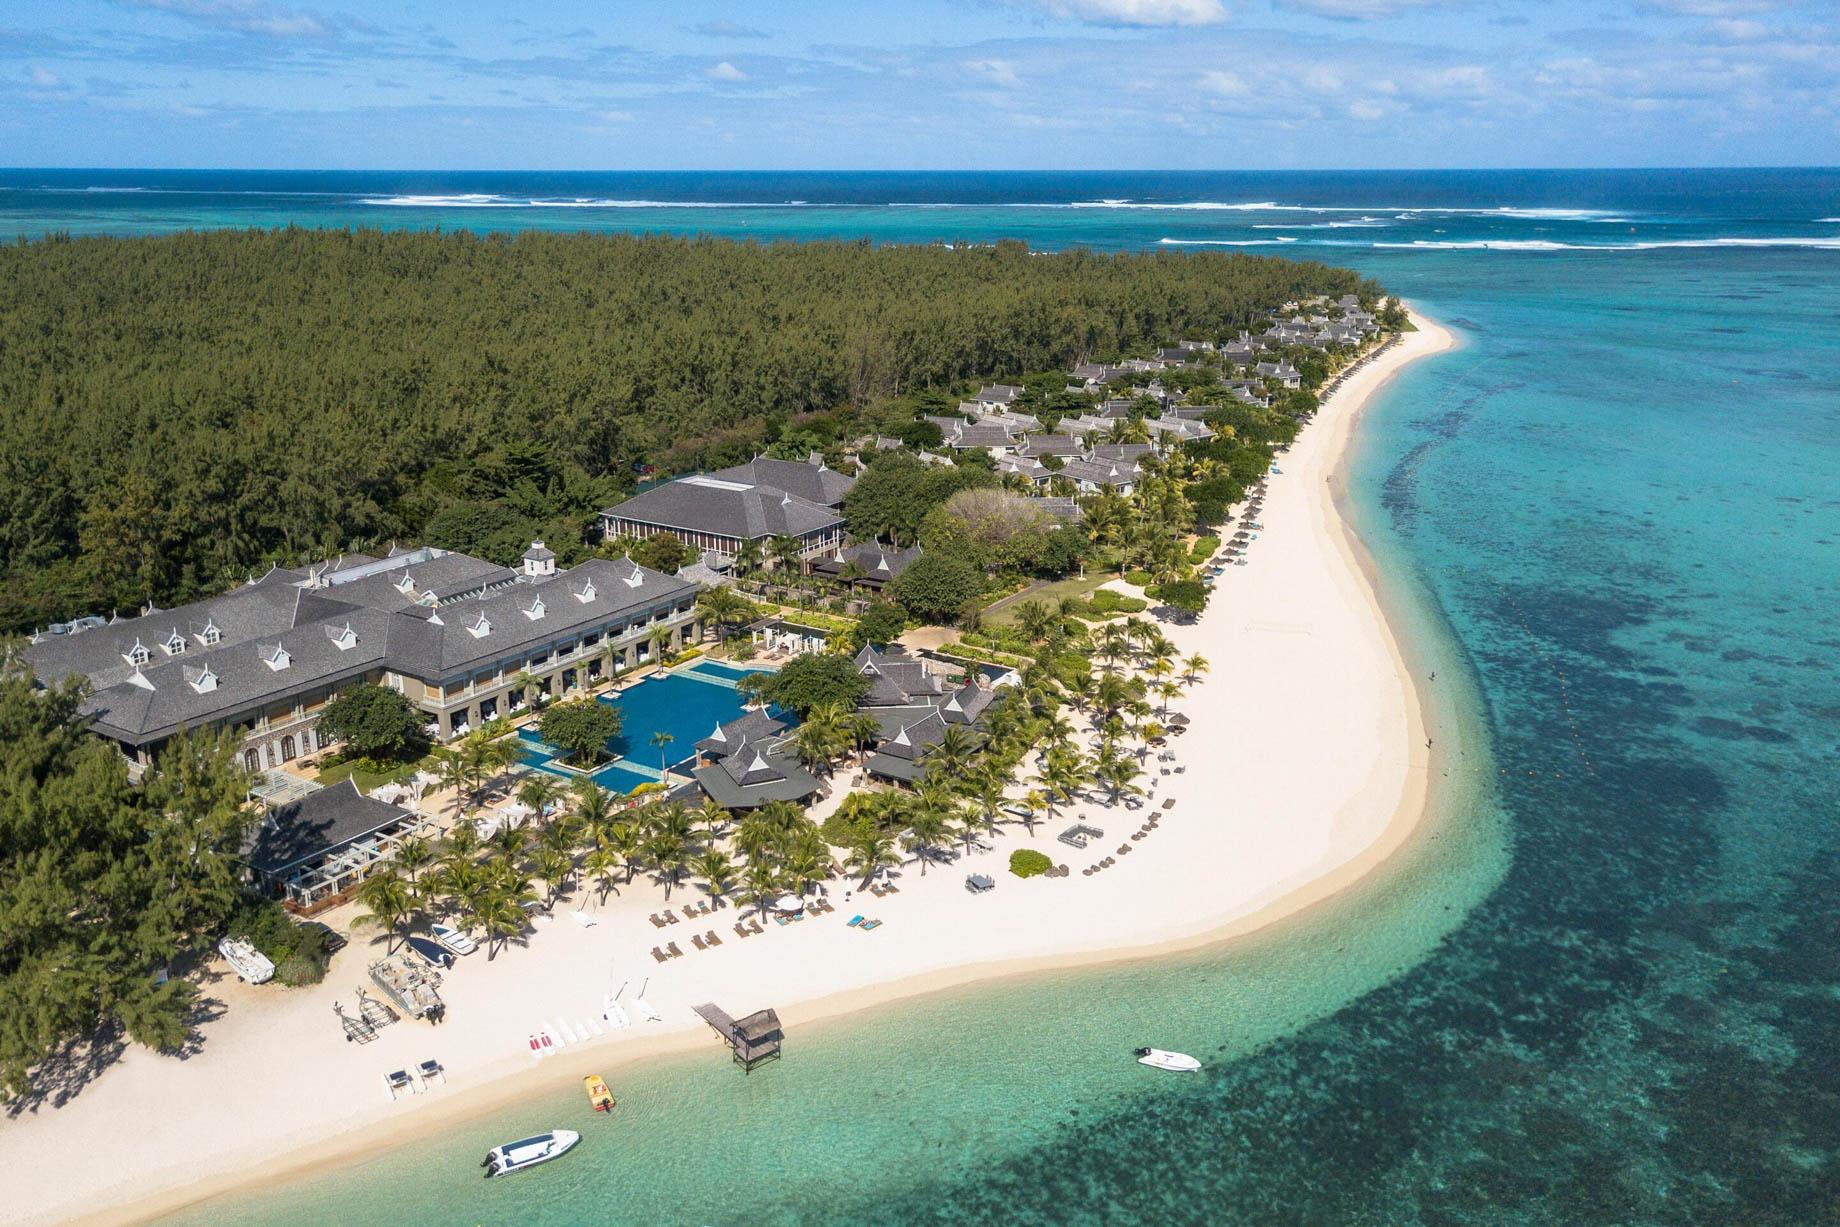 The St. Regis Mauritius Luxury Resort - Mauritius